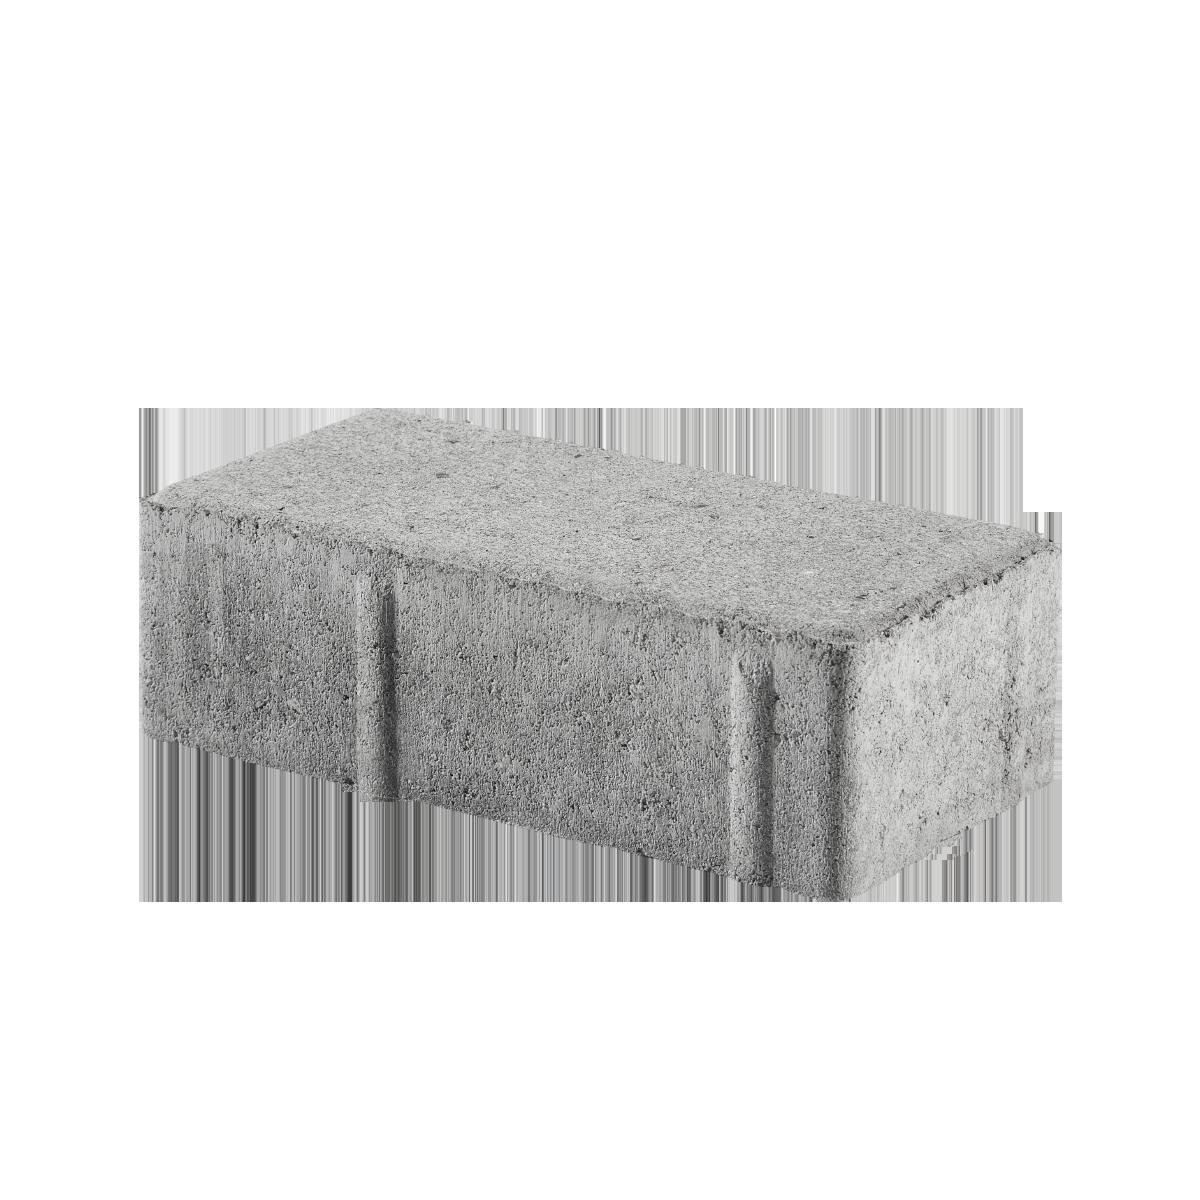 Modulserien 10x20x6 cm Grå Normalsten